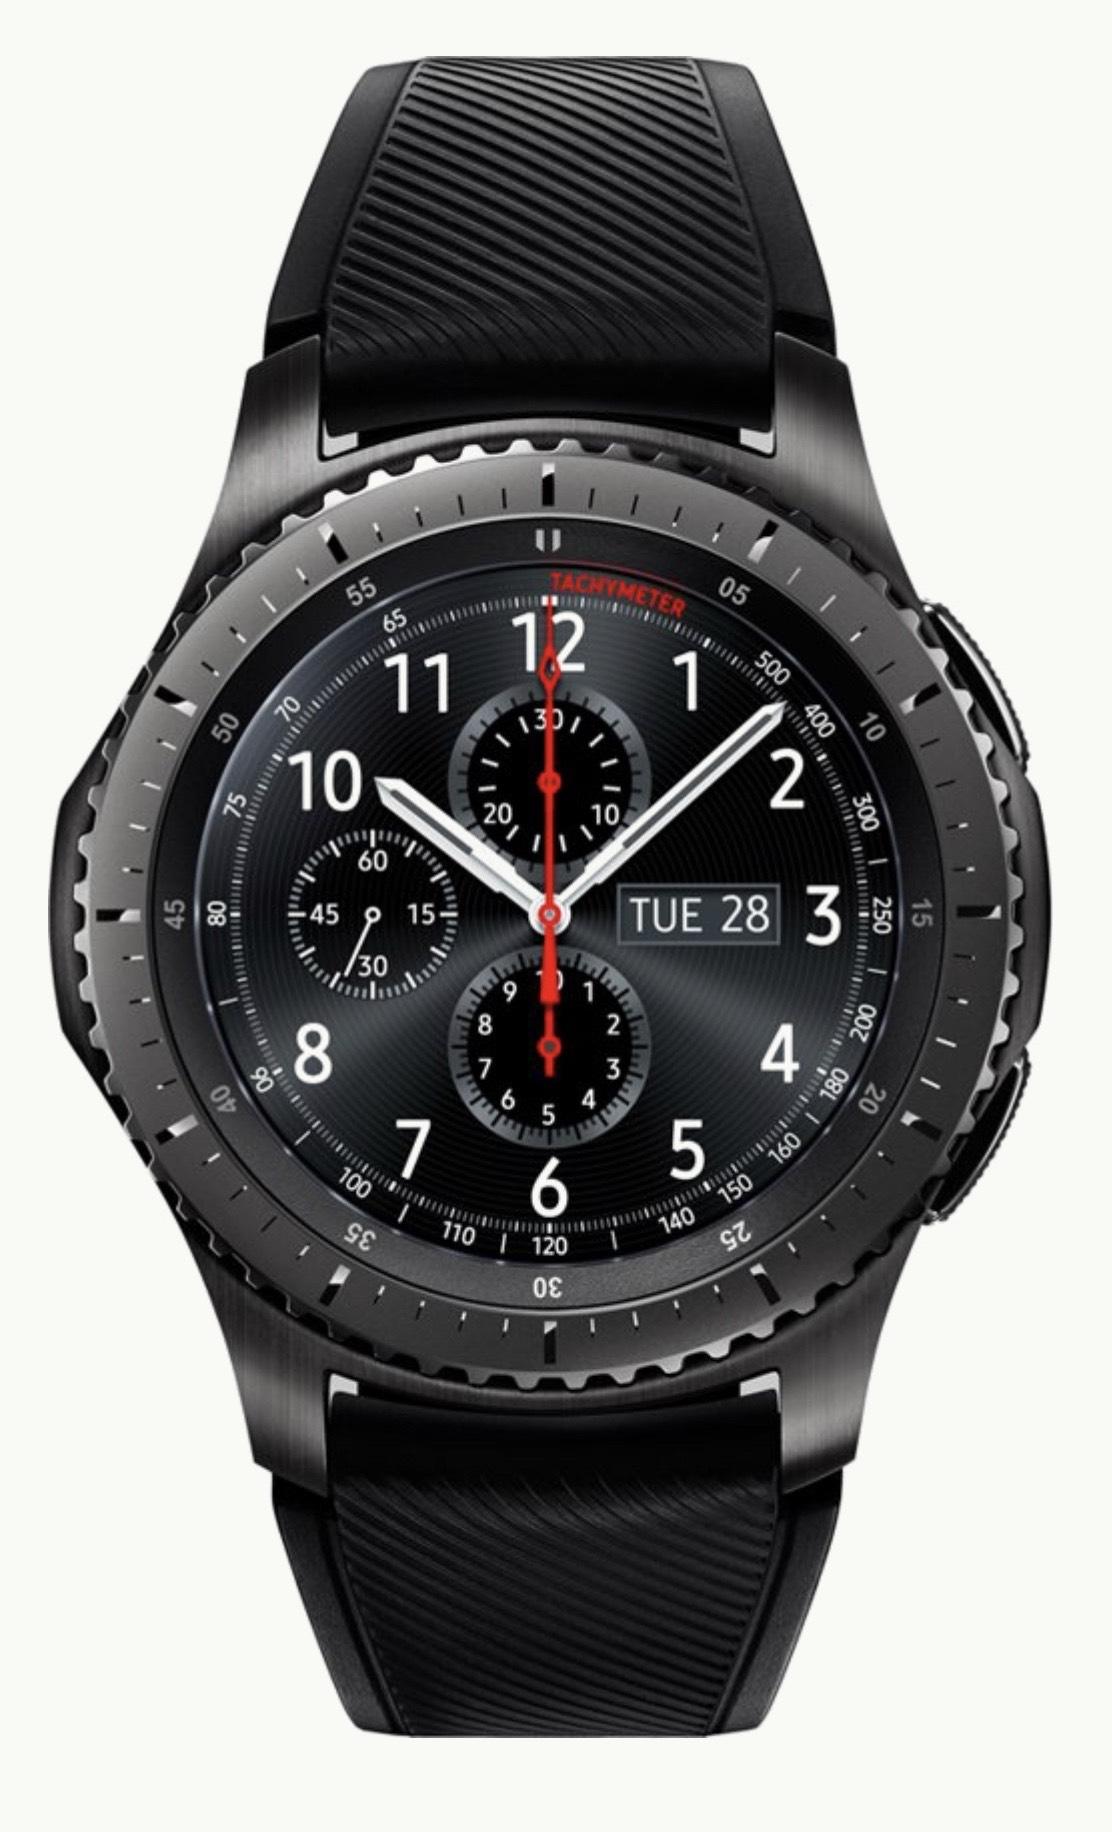 Dagdeal: Samsung Gear S3 Frontier smartwatch